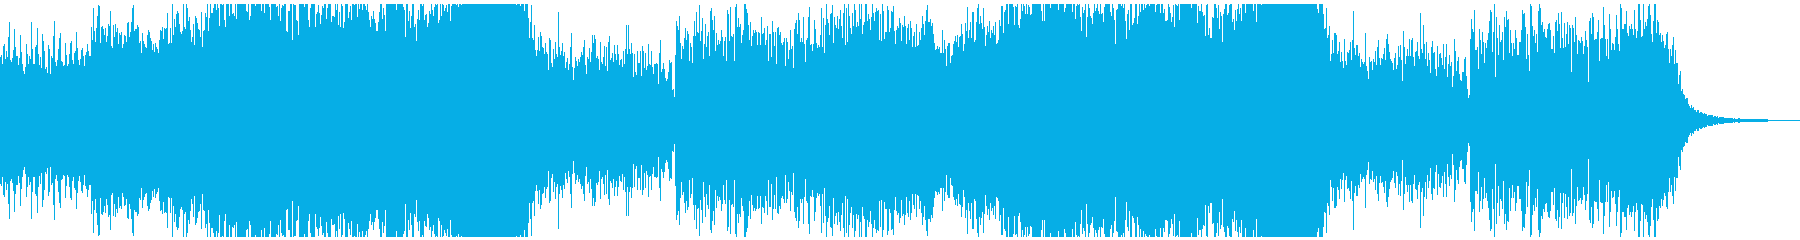 雪原をイメージした幻想的な楽曲の再生済みの波形